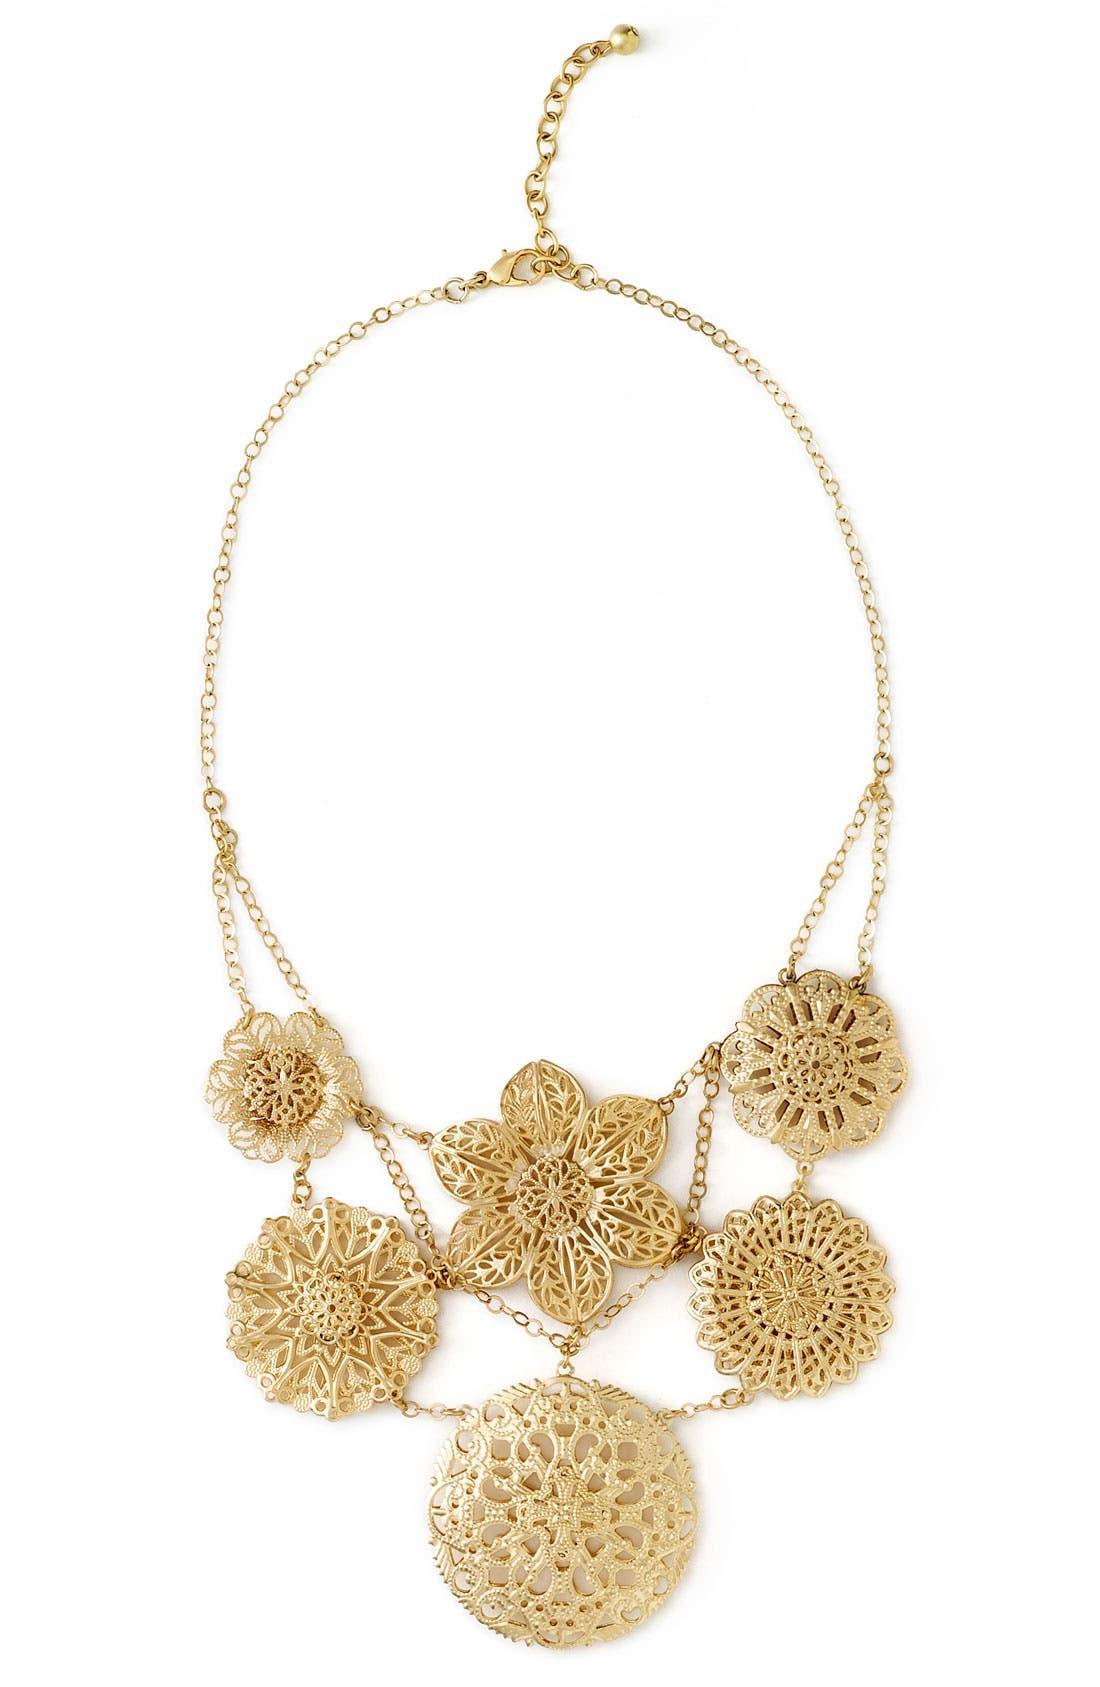 Alternate Image 1 Selected - Nordstrom Goldtone Bib Necklace